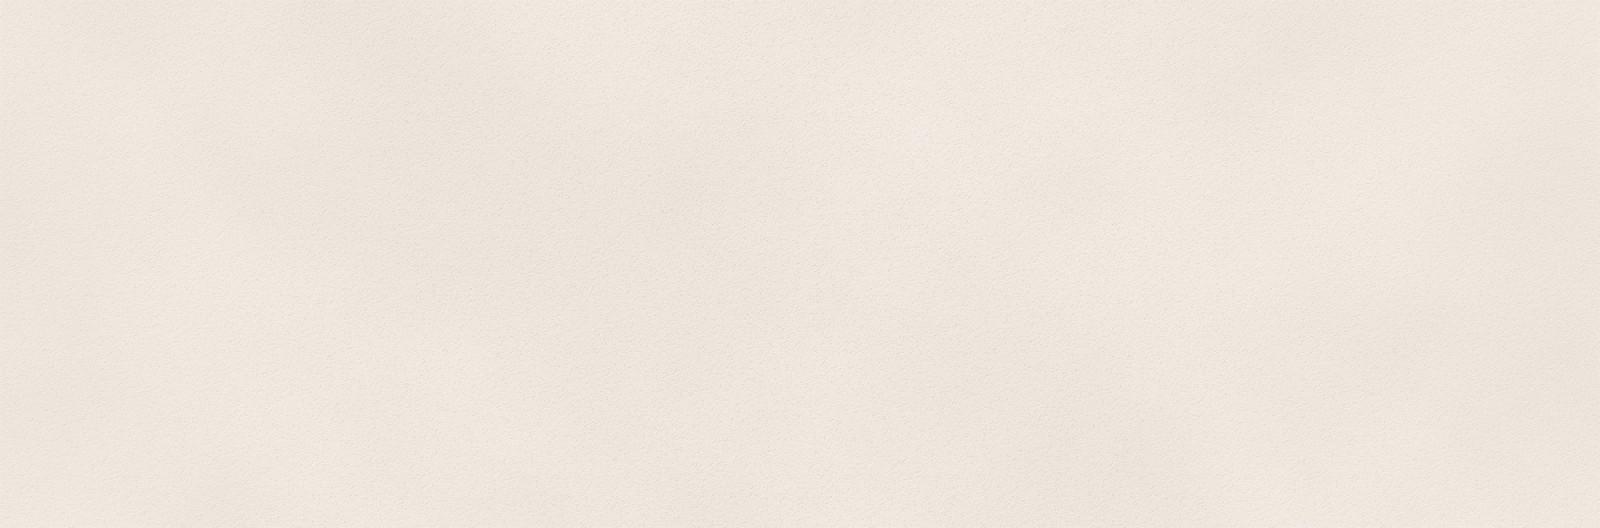 Керамическая Плитка Peronda Sense-B/R 33,3x100